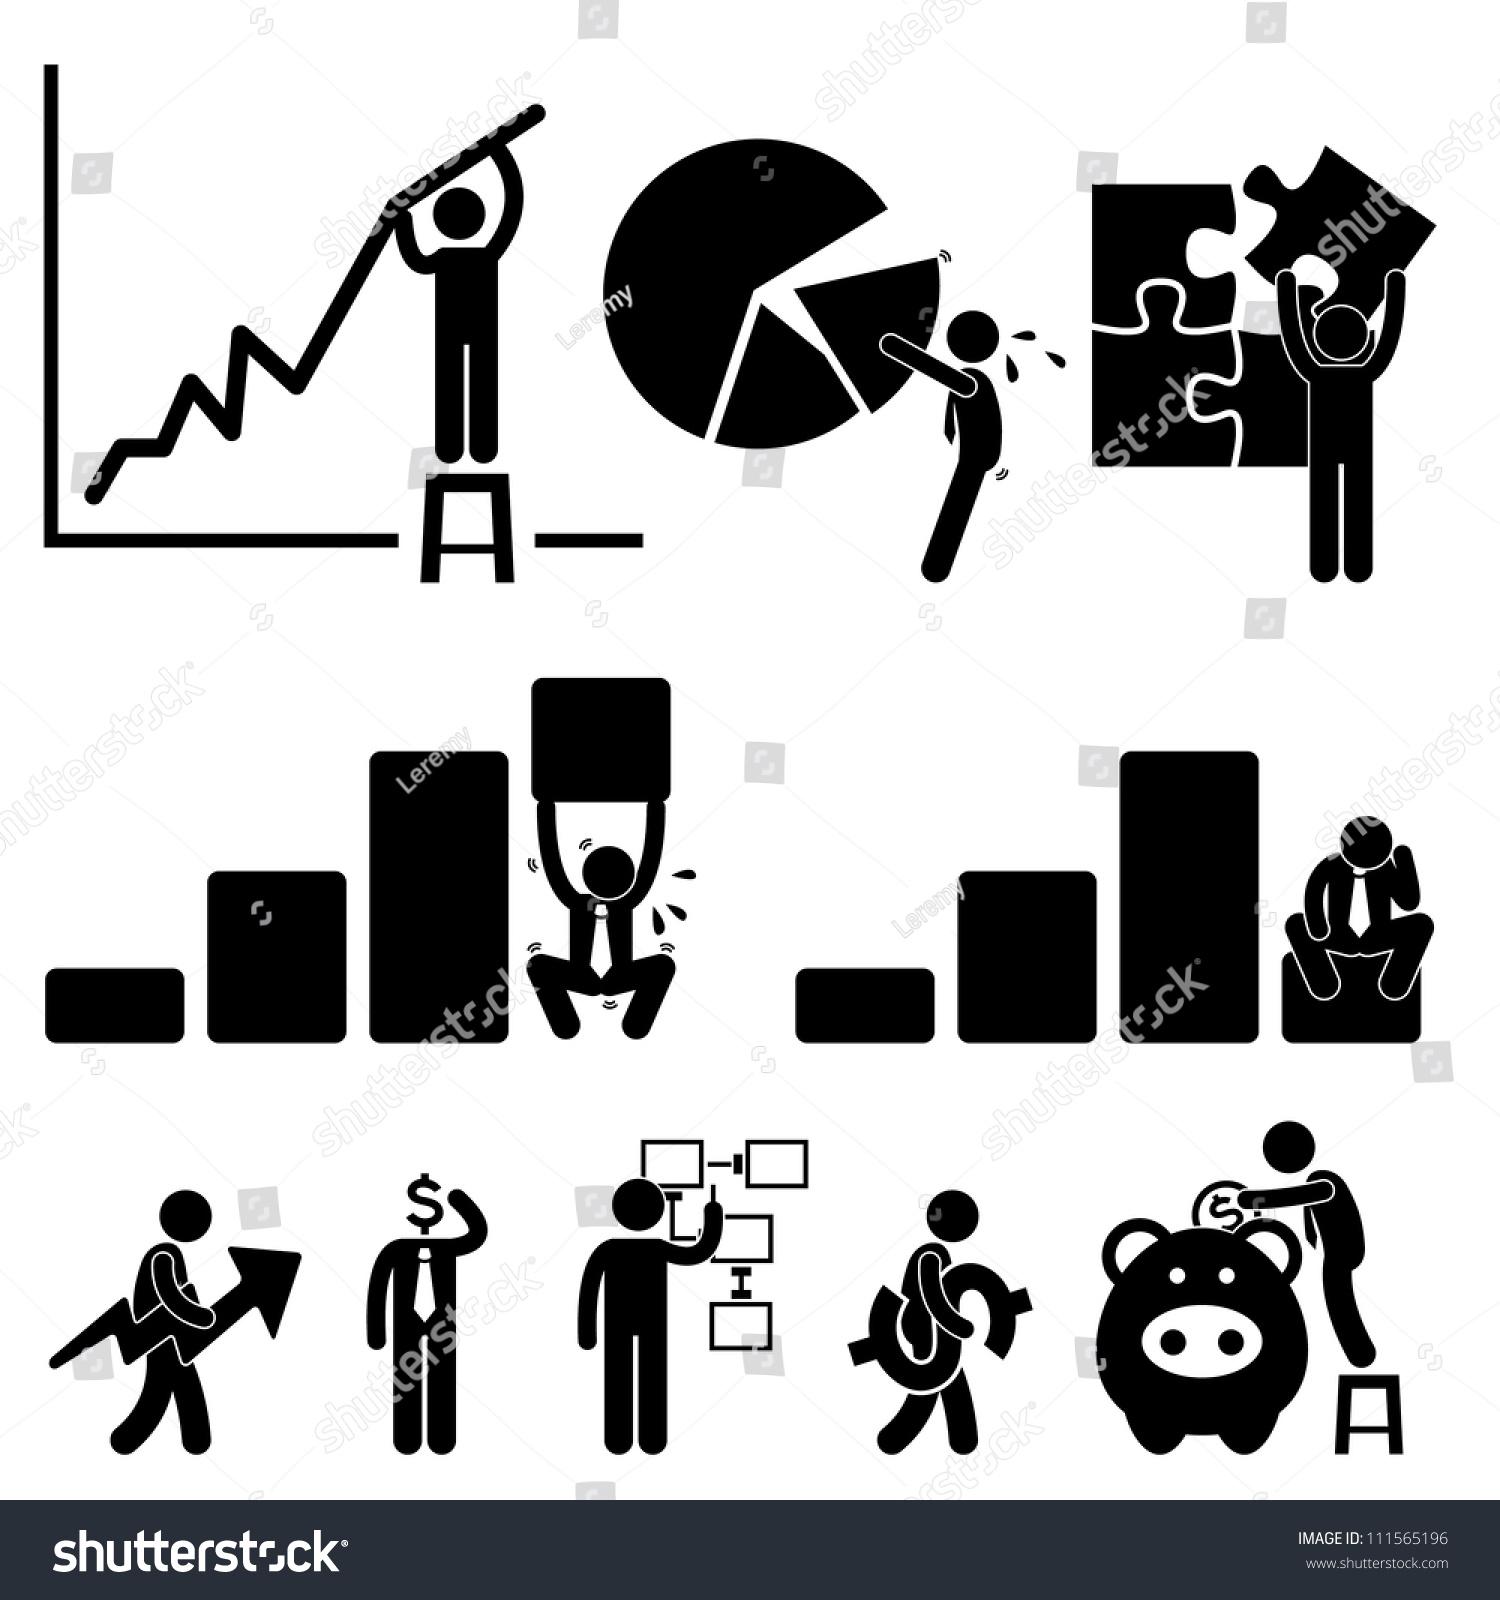 Finance Sign: Business Finance Chart Employee Worker Businessman Stock